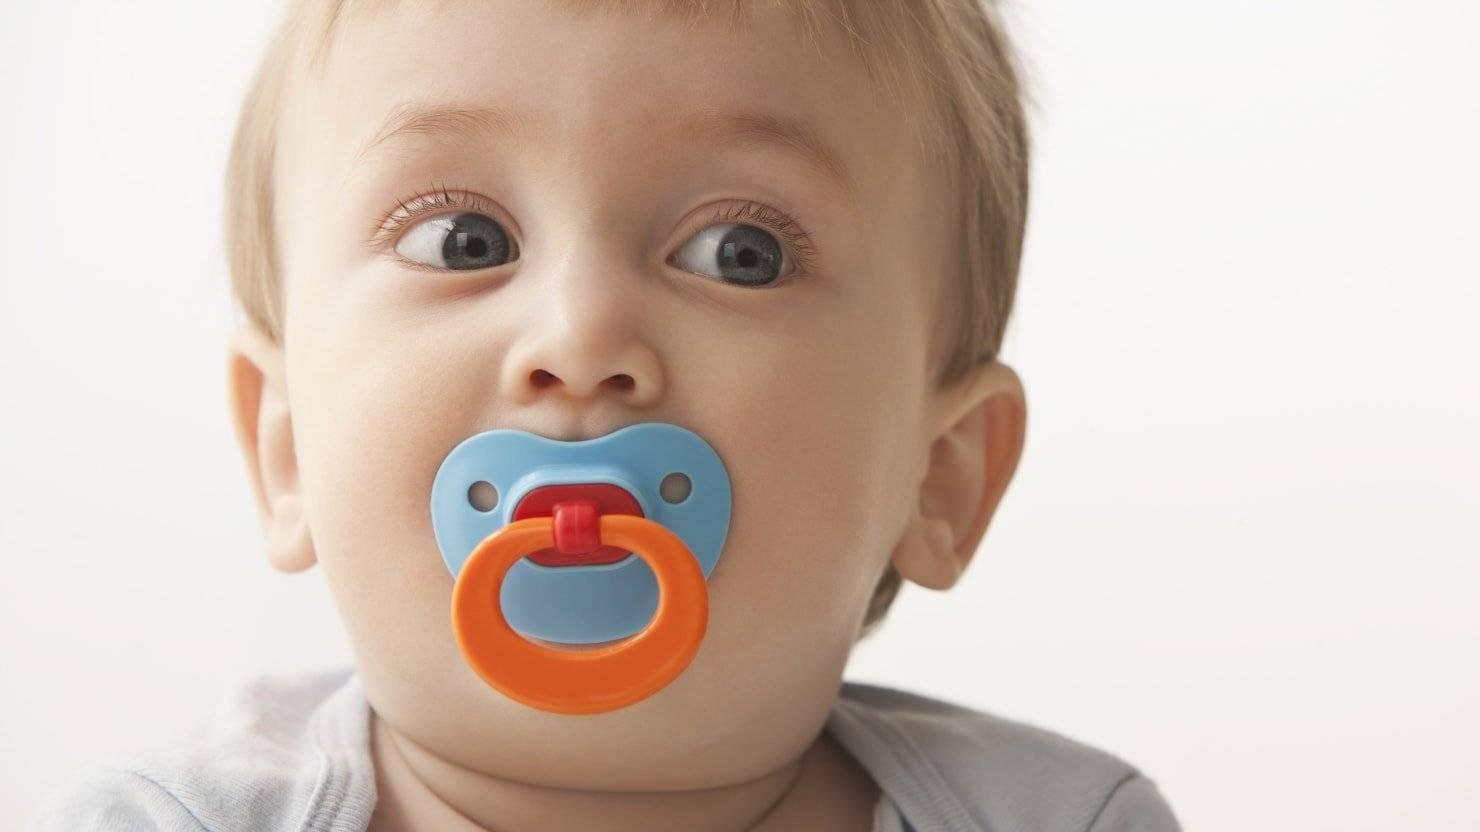 Какую пустышку выбрать для новорожденного: латекс или силикон